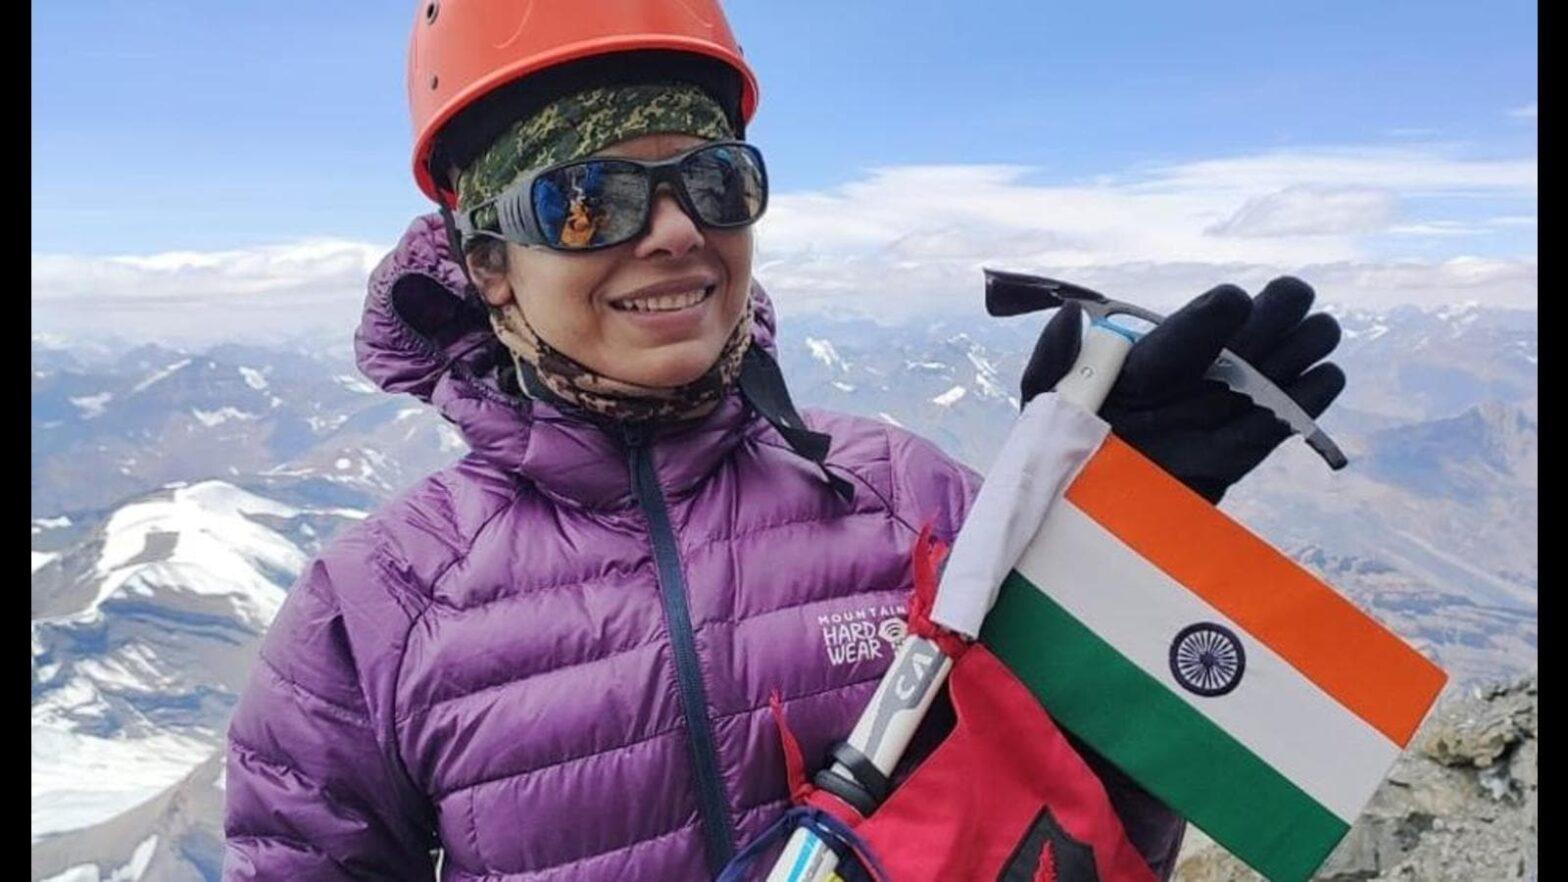 Armed forces summits | ஆயுதப்படைகள் கொண்ட பெண்கள் மாநாடு |_40.1